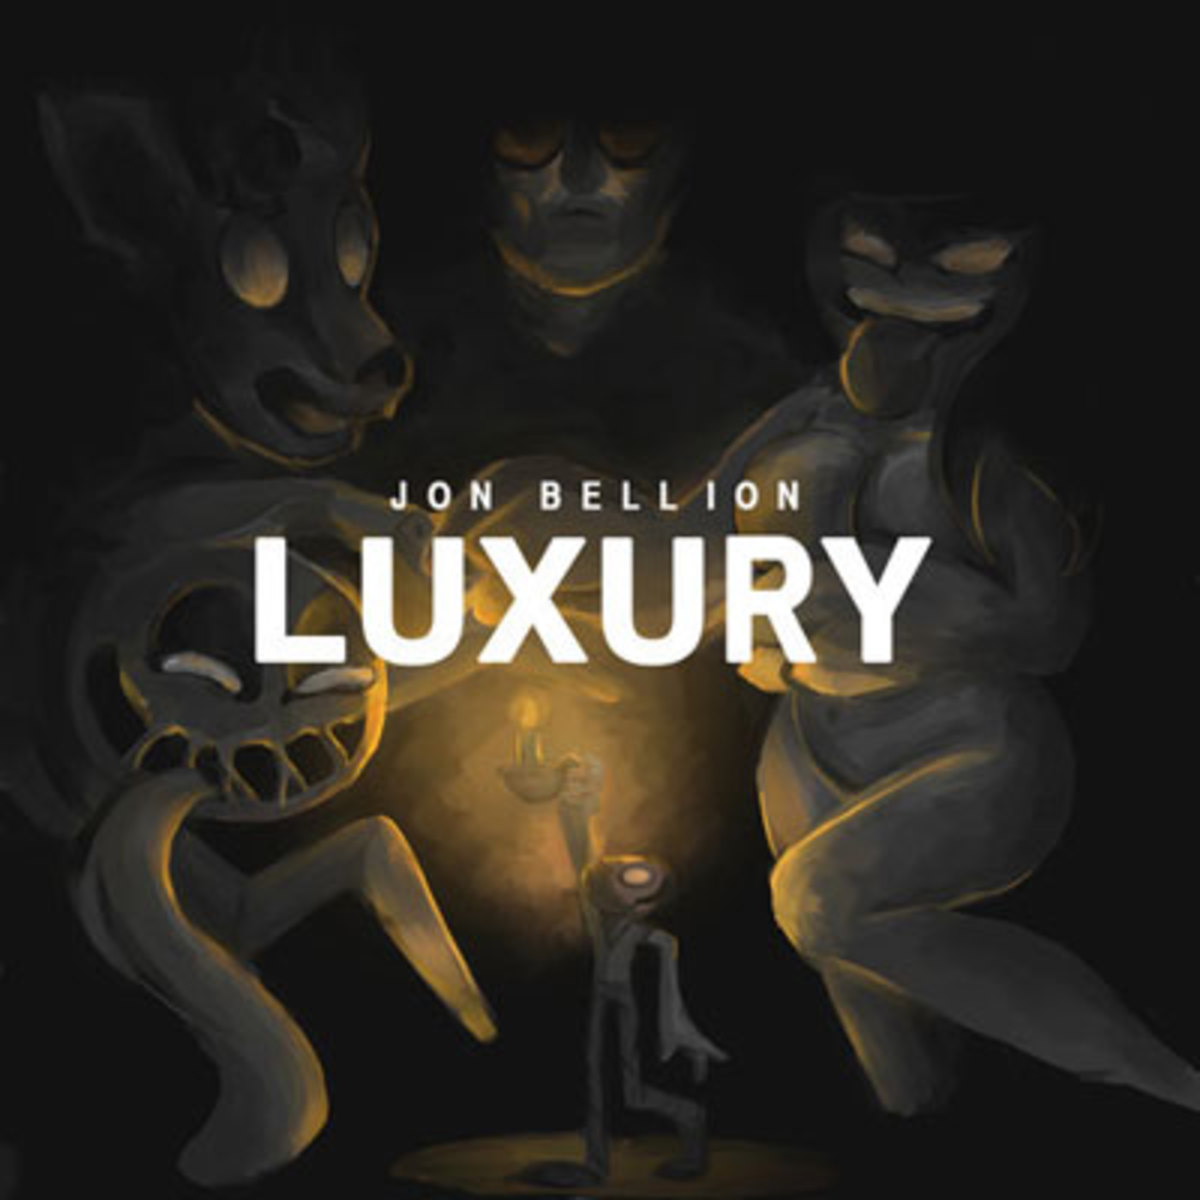 jonbellion-luxury.jpg